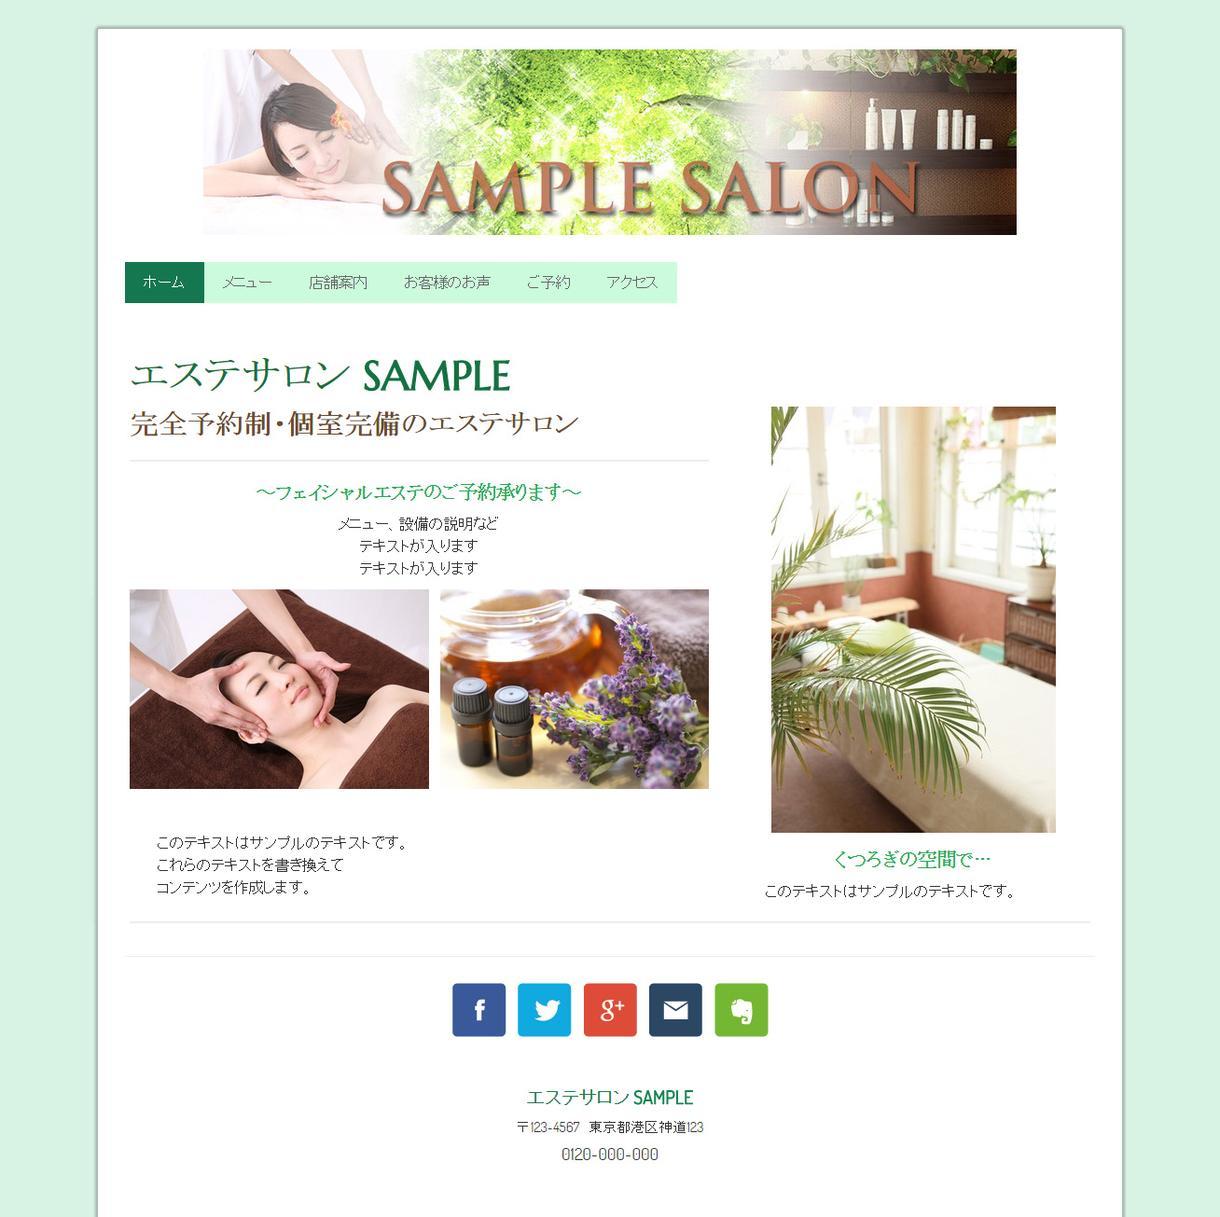 無料ホームページ作成ツール【Jimdo(ジンドゥー)】の新規ページ登録代行します